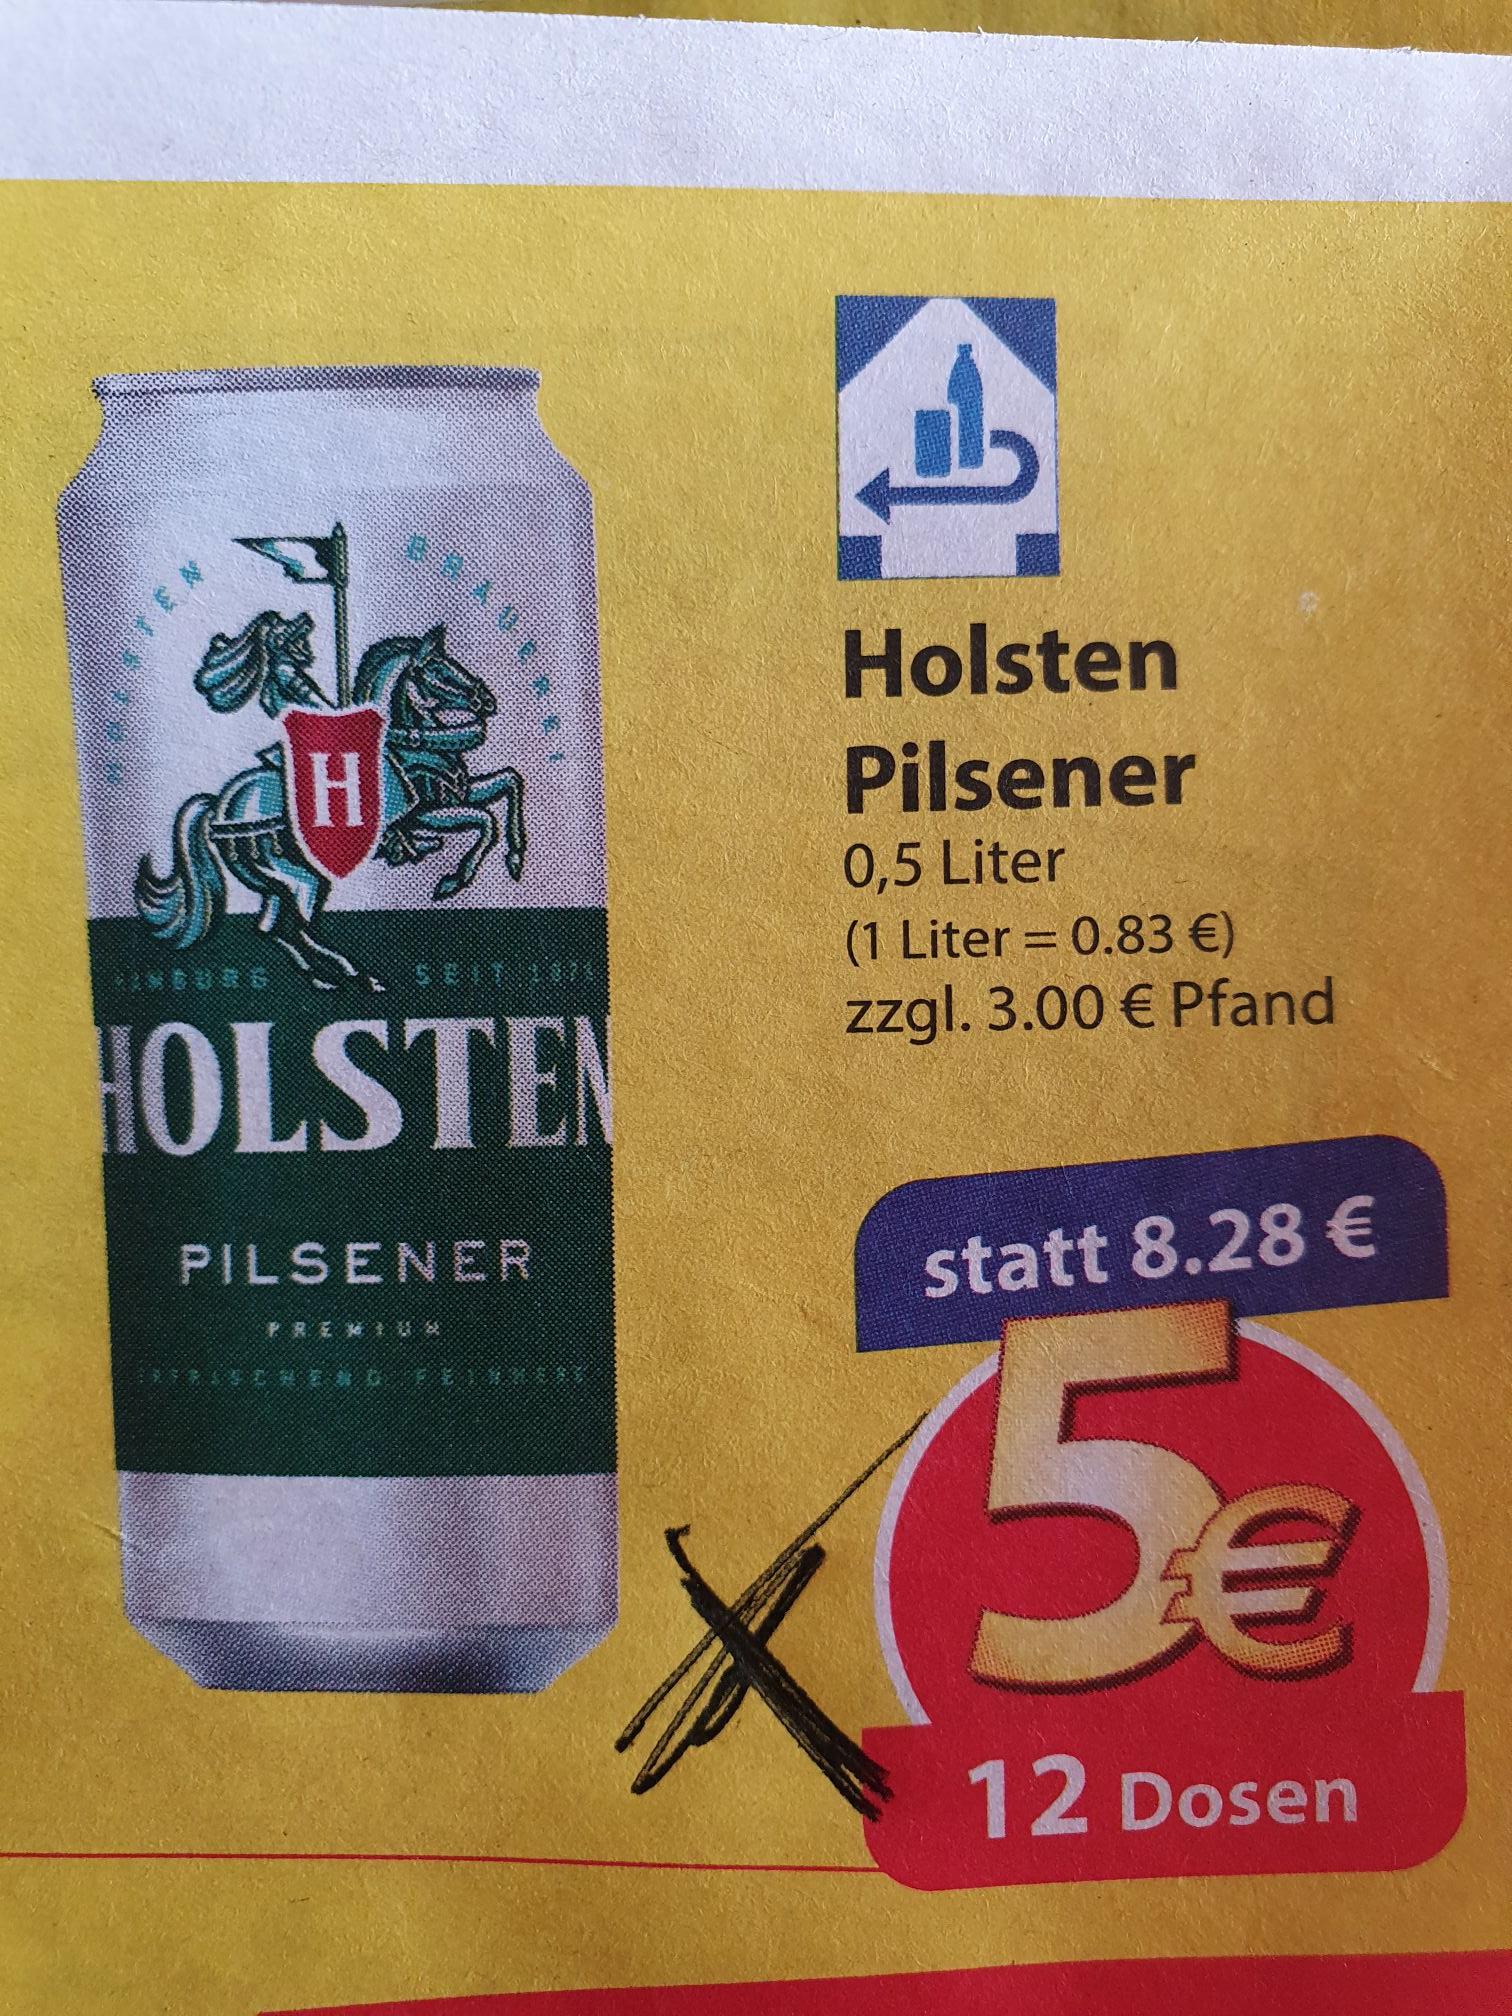 12 Dosen Holsten Pilsener für 5,-€ bei famila Kiel (NordOst lokal und offline)